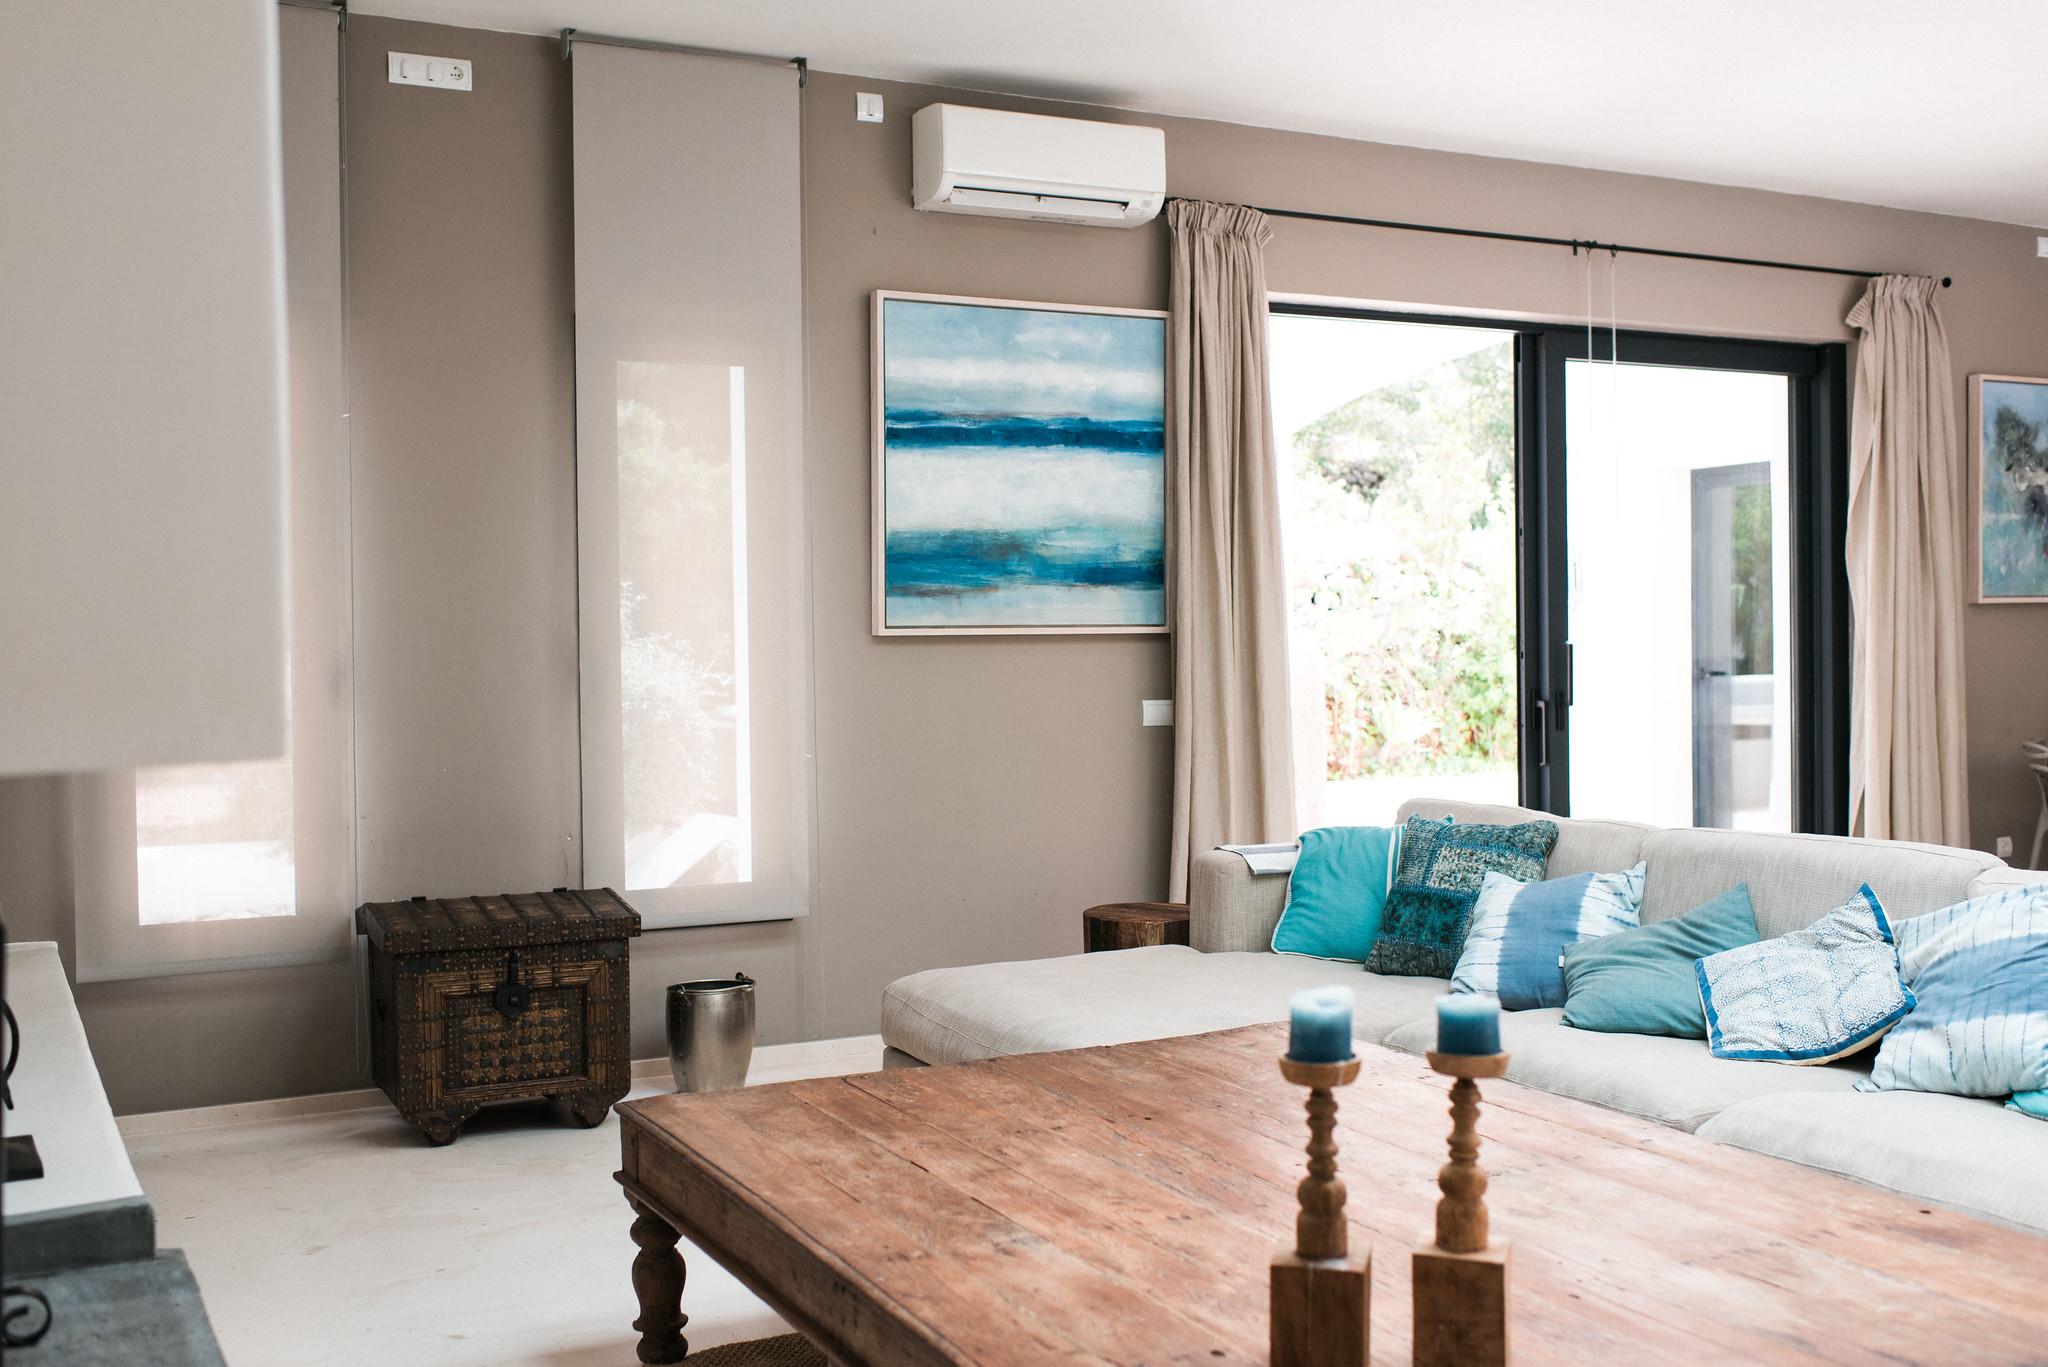 https://www.white-ibiza.com/wp-content/uploads/2020/05/white-ibiza-villas-casa-estrella-interior-living-area.jpg